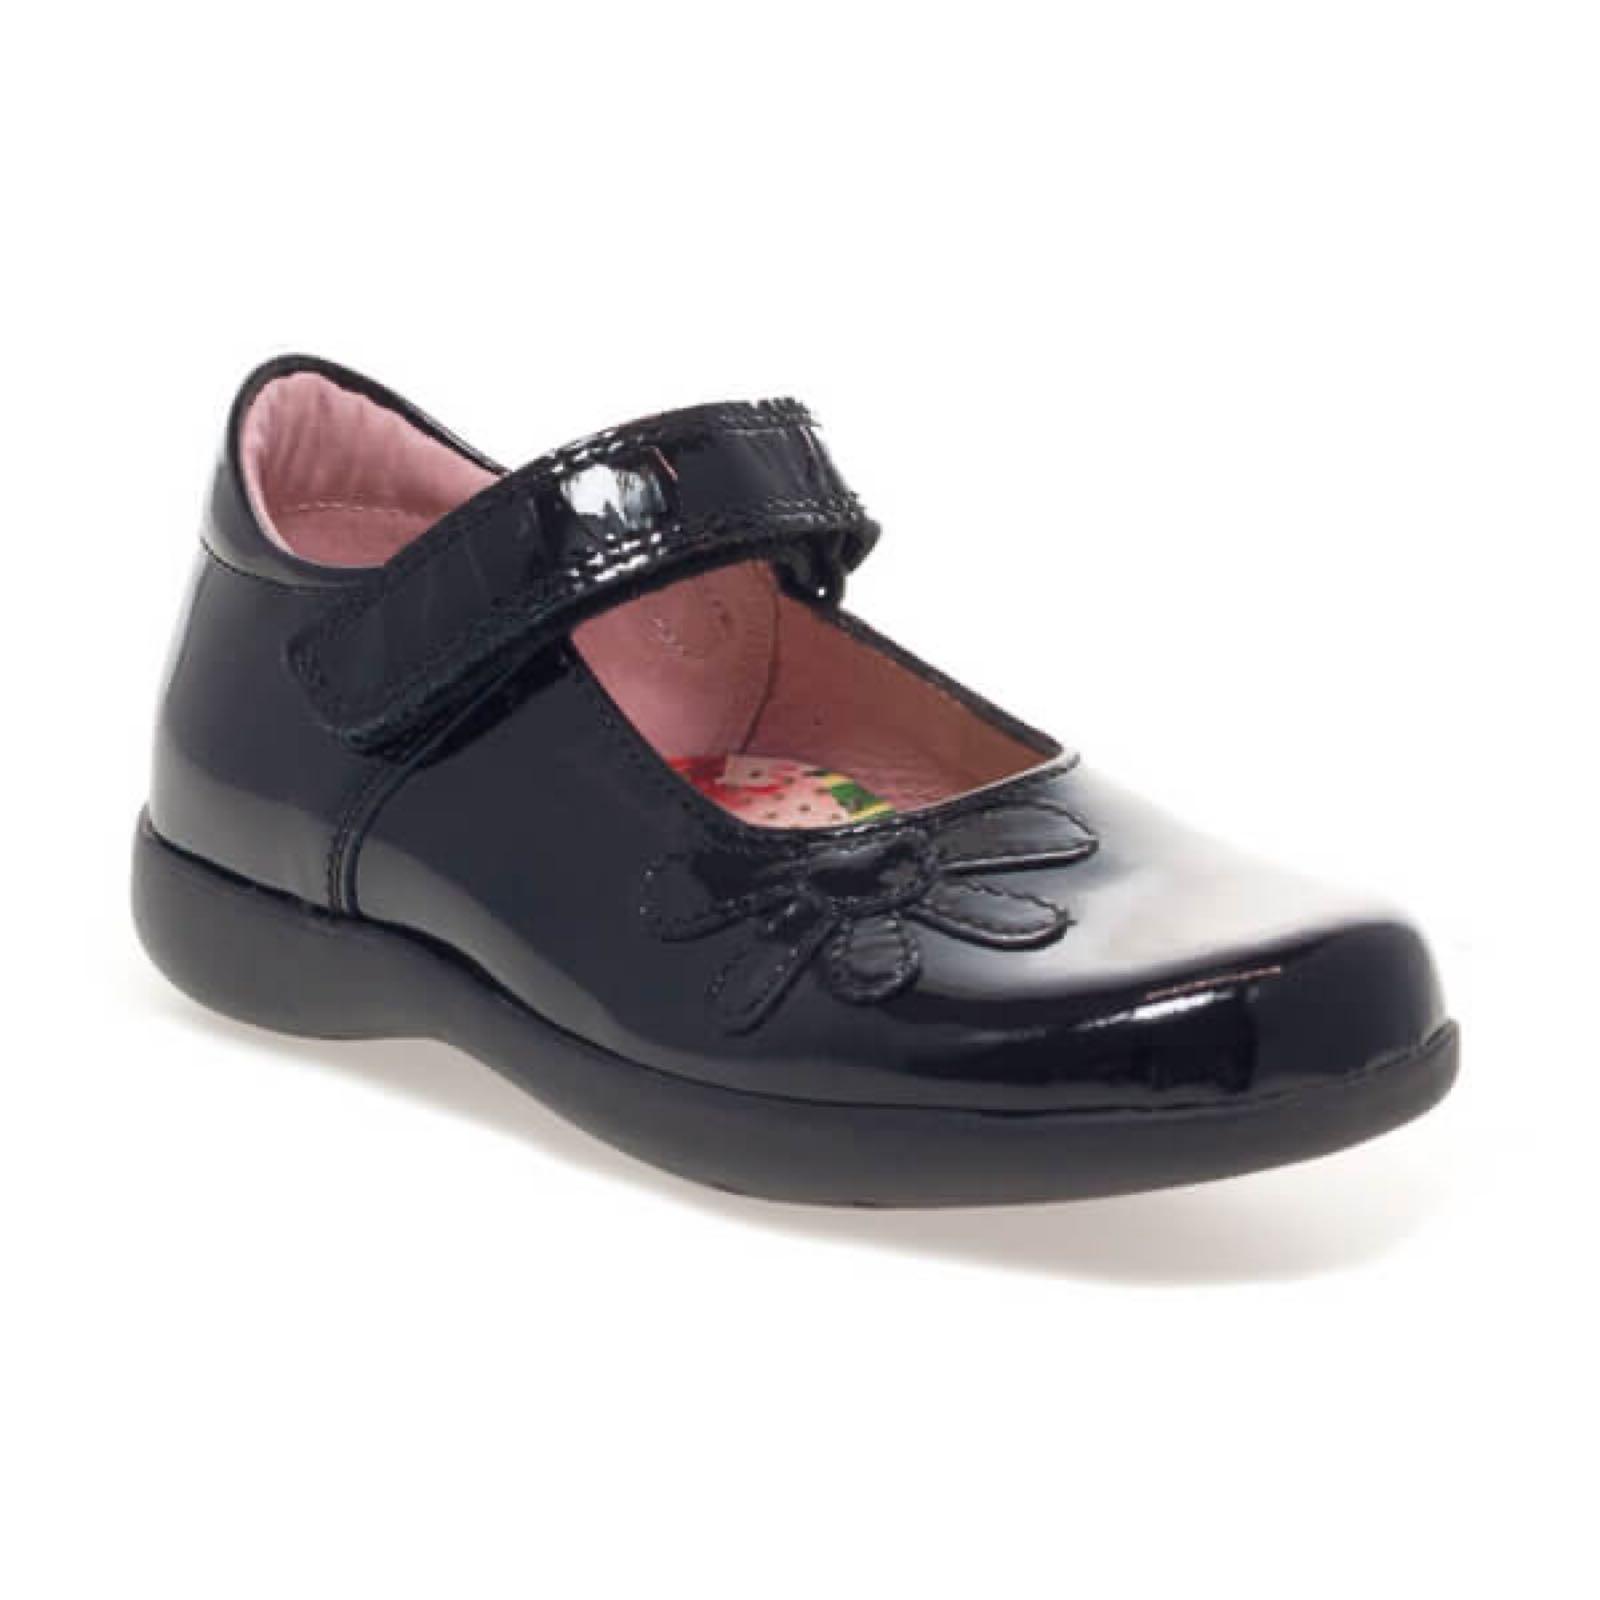 School Shoes PETASIL Bonnie Black Patent Width D